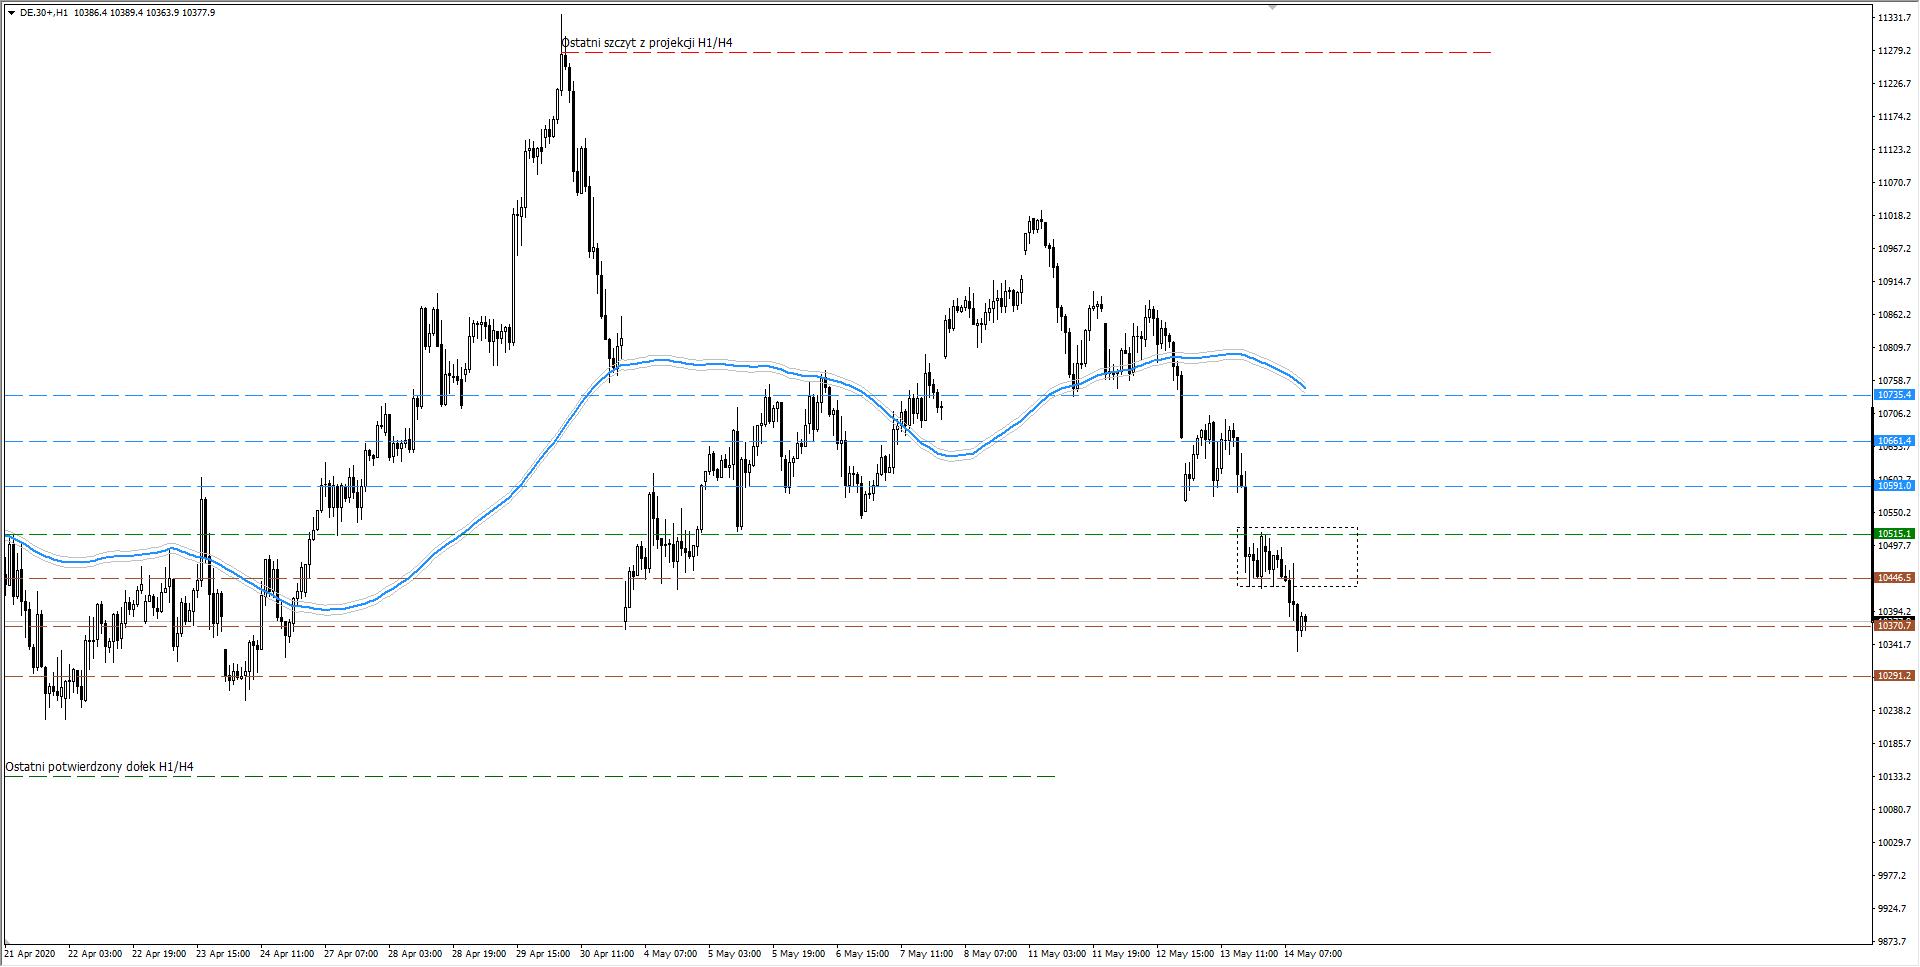 wykres DAX H1 14.05.2020 3